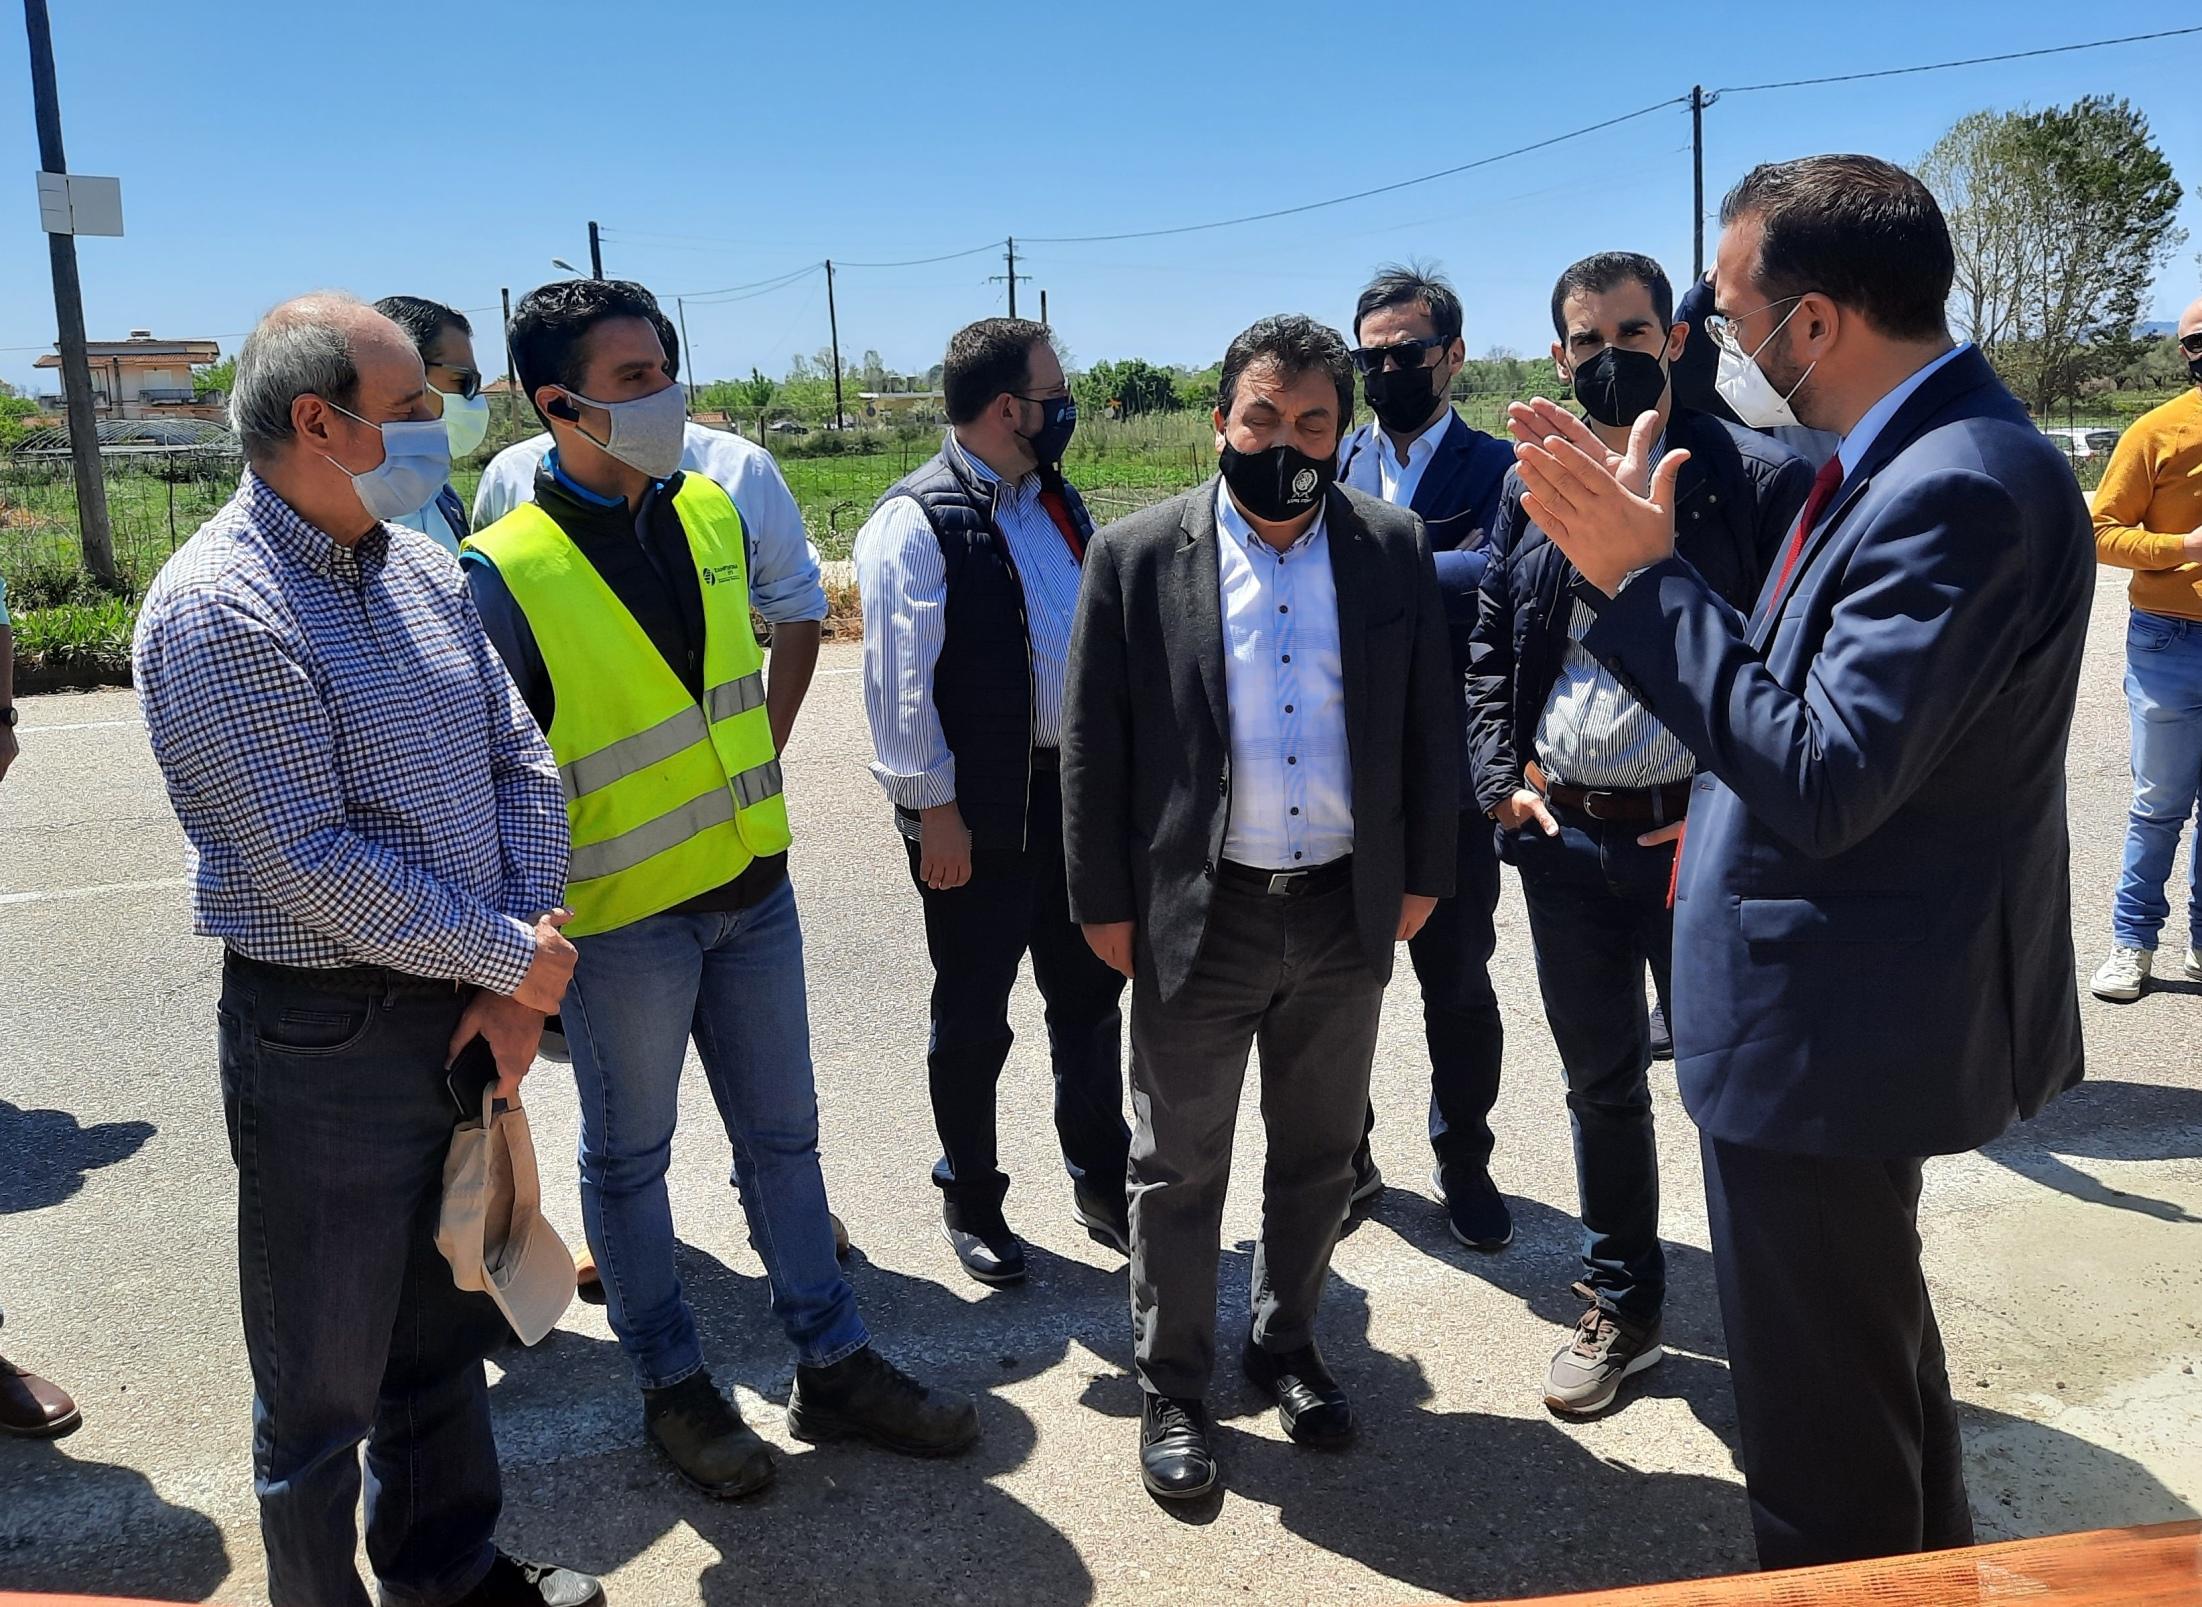 Πύργος: Επίσκεψη Περιφερειάρχη Δυτικής Ελλάδας Νεκτάριου Φαρμάκη σε δυο σημαντικά αναπτυξιακά έργα ΟΧΕ που είναι σε εξέλιξη για την περιοχή ( photos)